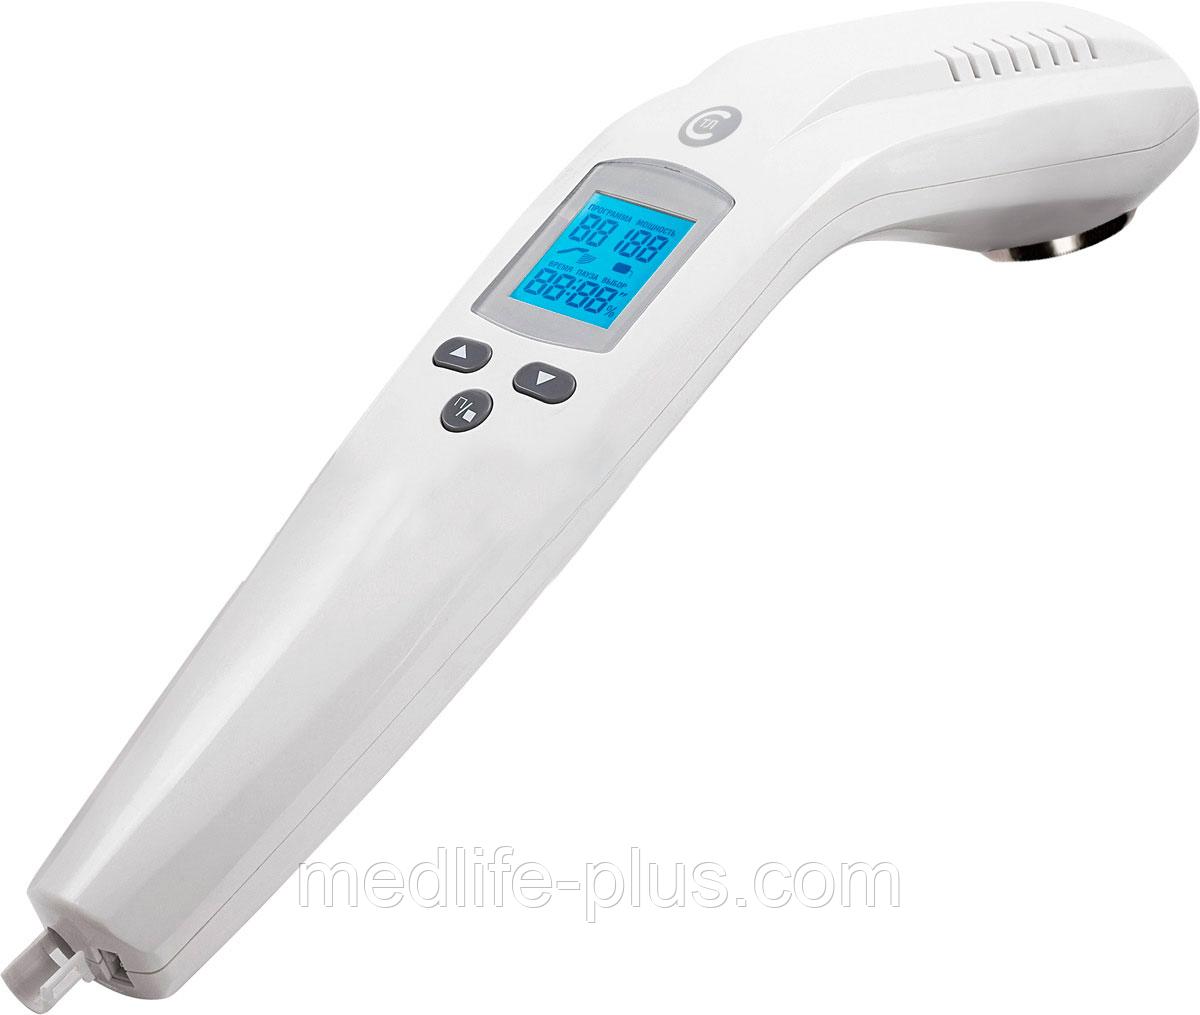 Аппарат ультразвуковой физиотерапевтический АУЗТ «Дельта Комби»